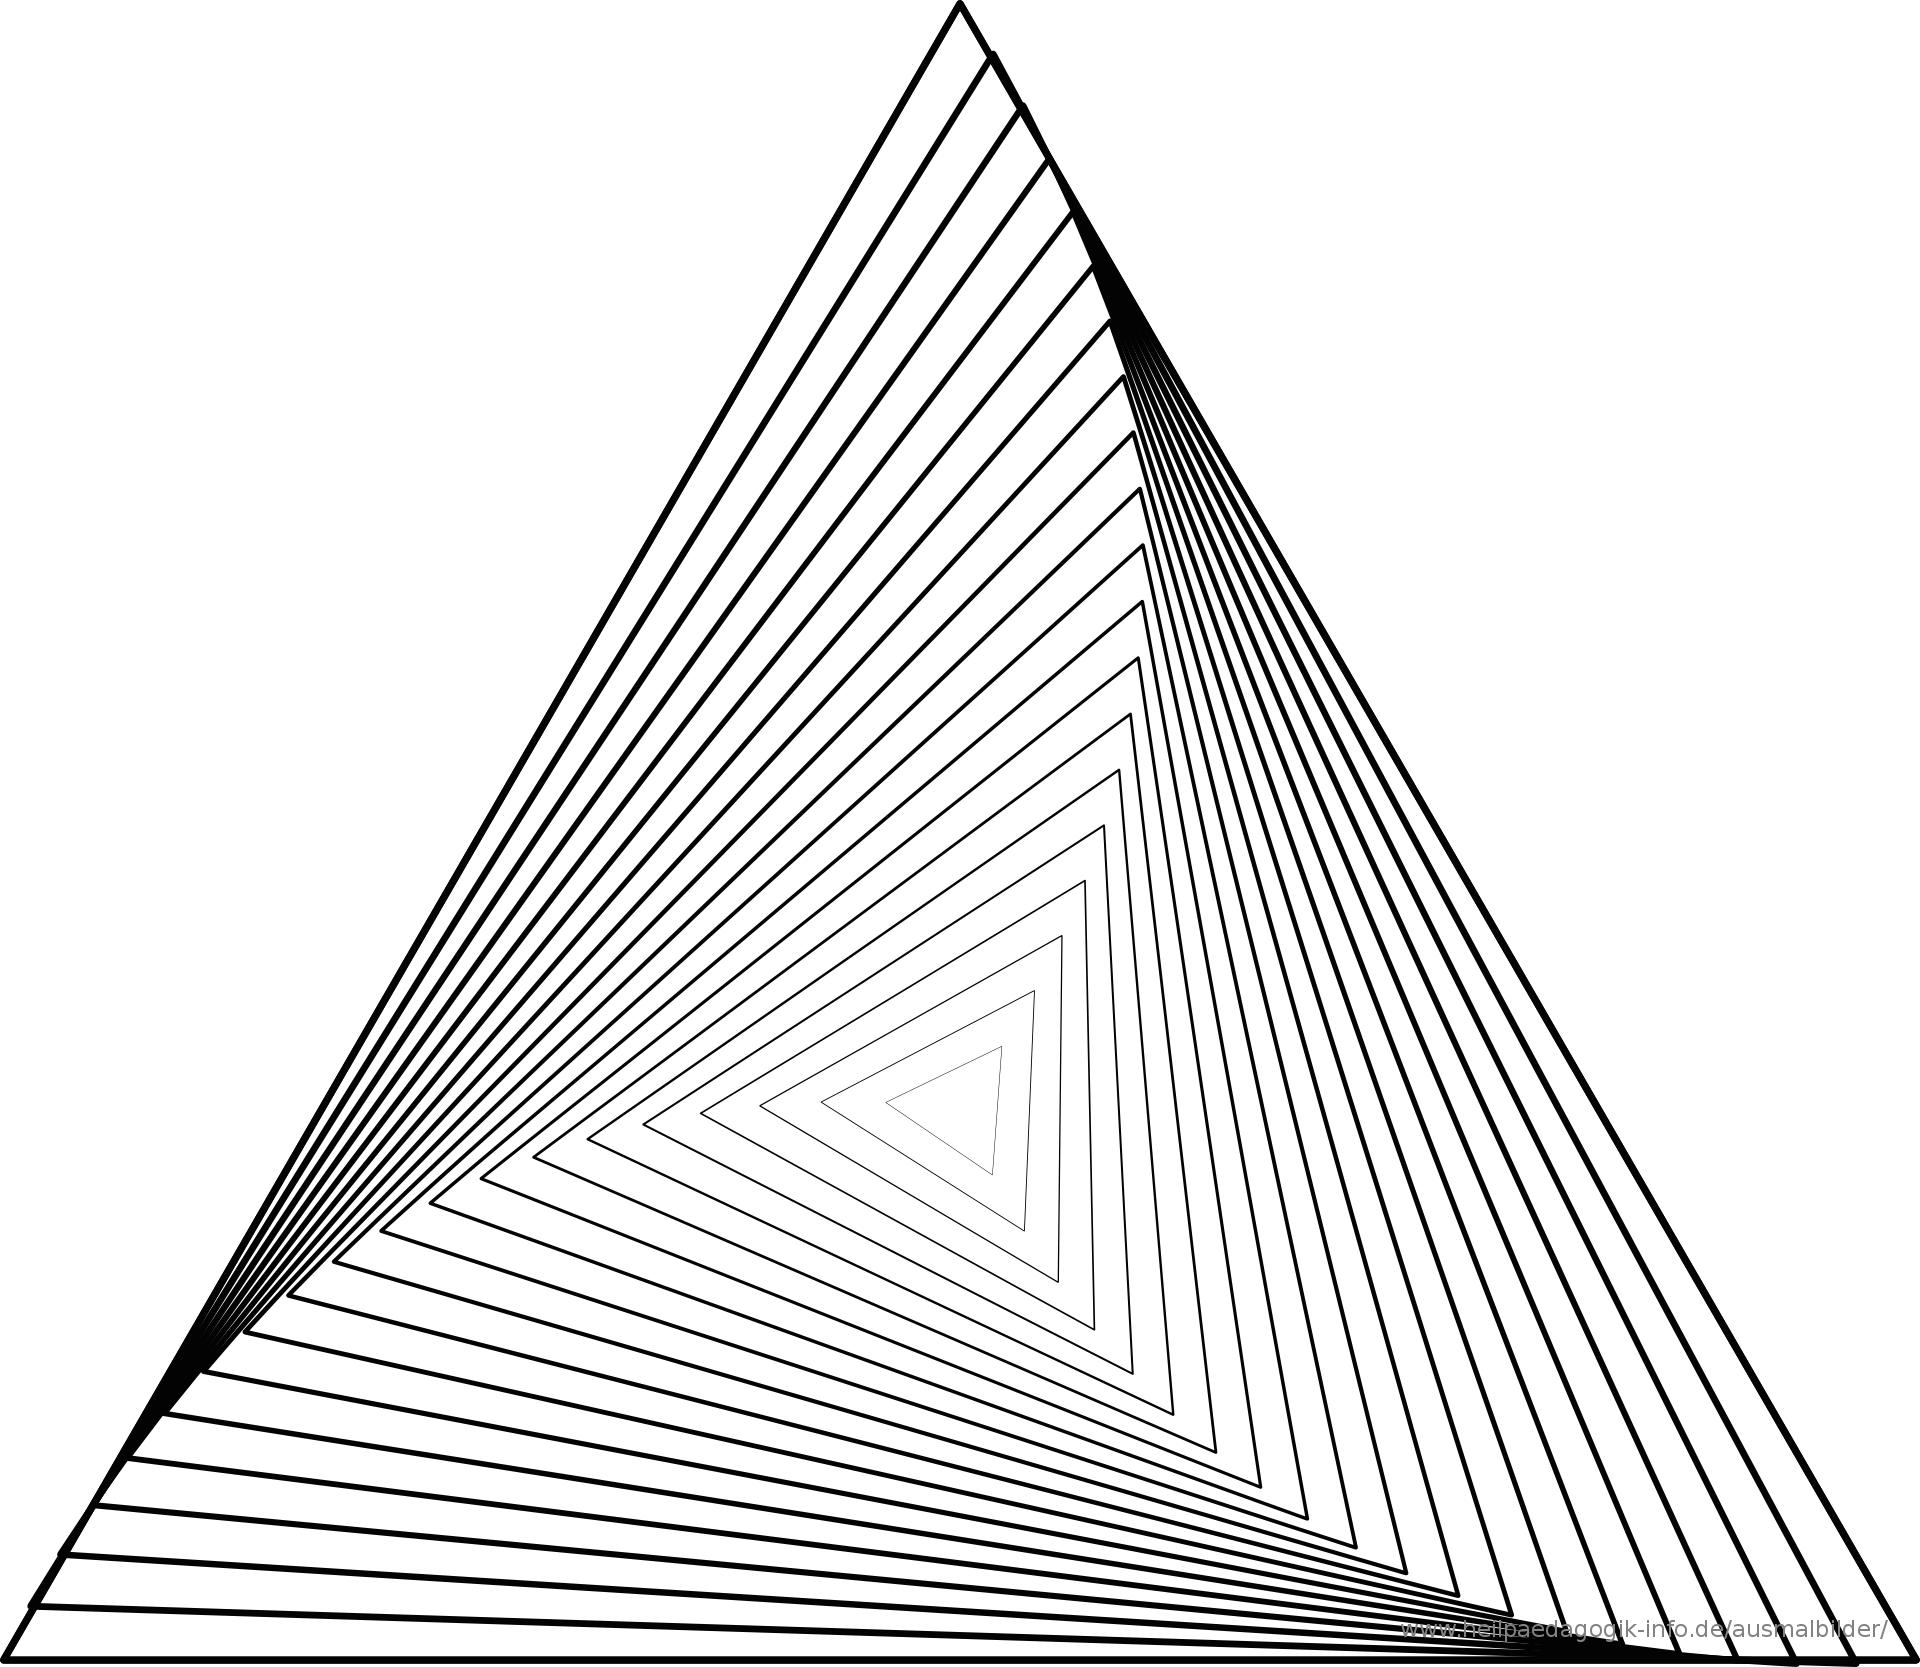 ausmalbilder geometrischen | Ausmalbilder für kinder | Drawing ...